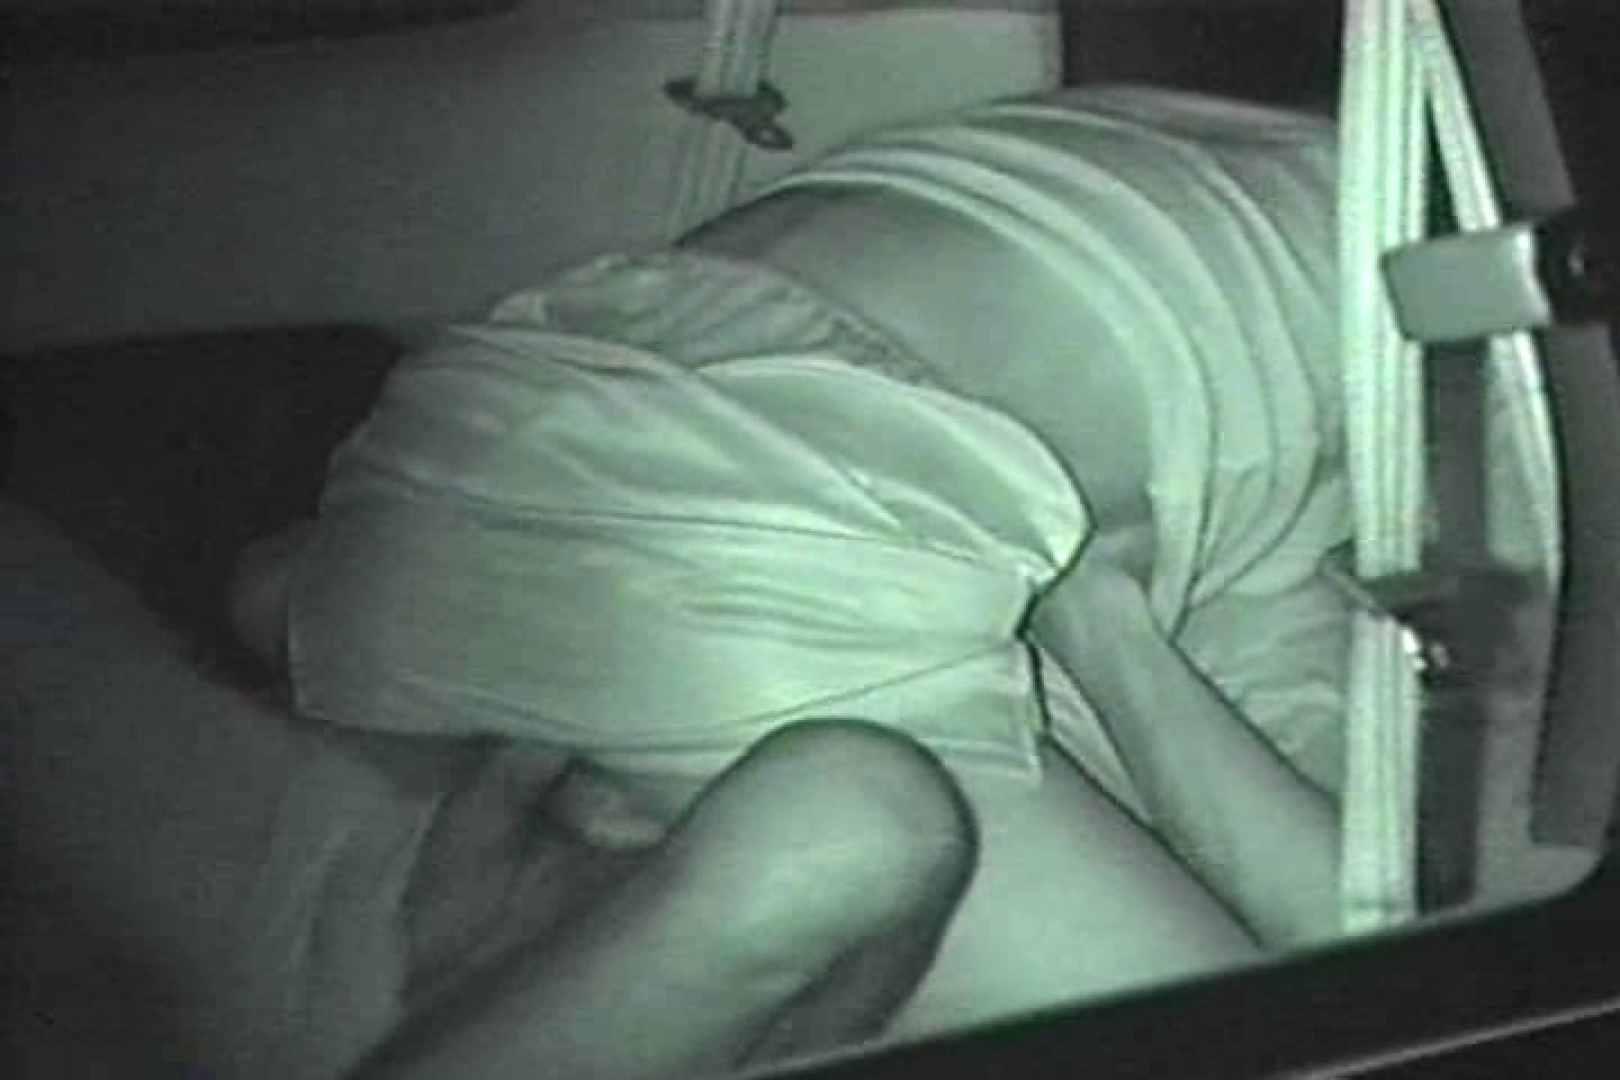 MASAさんの待ち伏せ撮り! 赤外線カーセックスVol.8 おまんこ丸見え 盗撮エロ画像 99連発 11